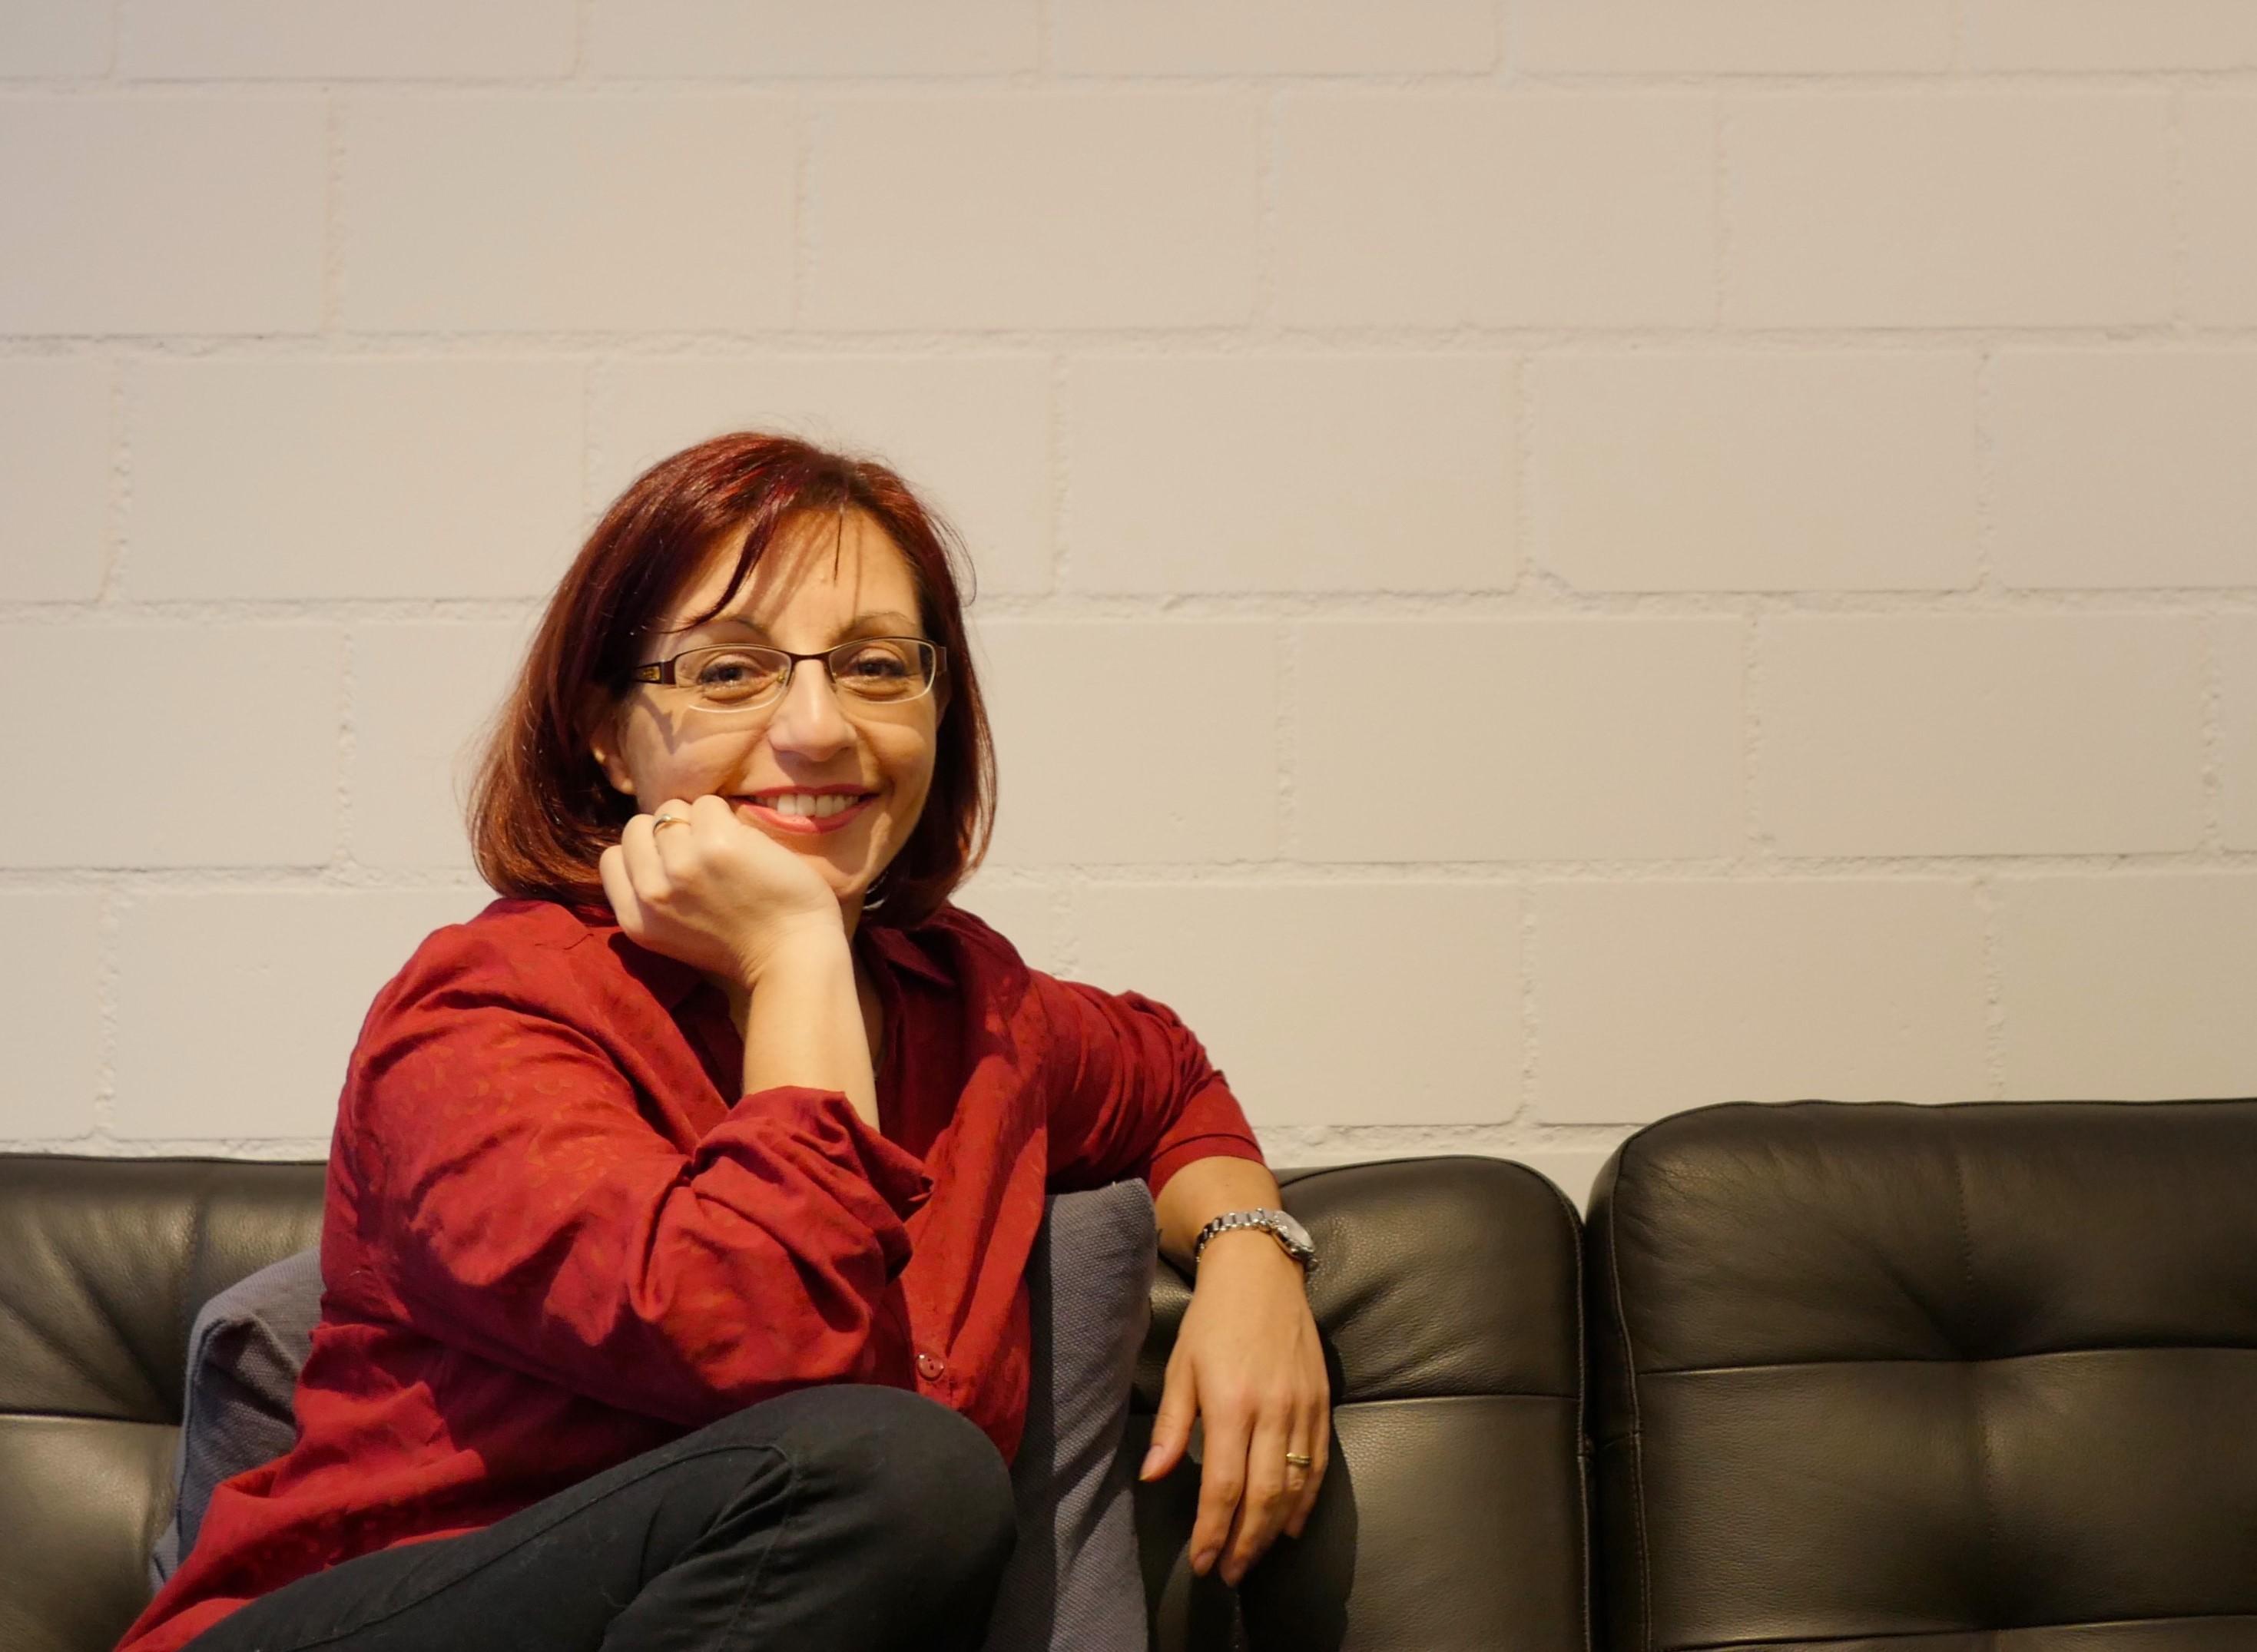 Silvia Porret